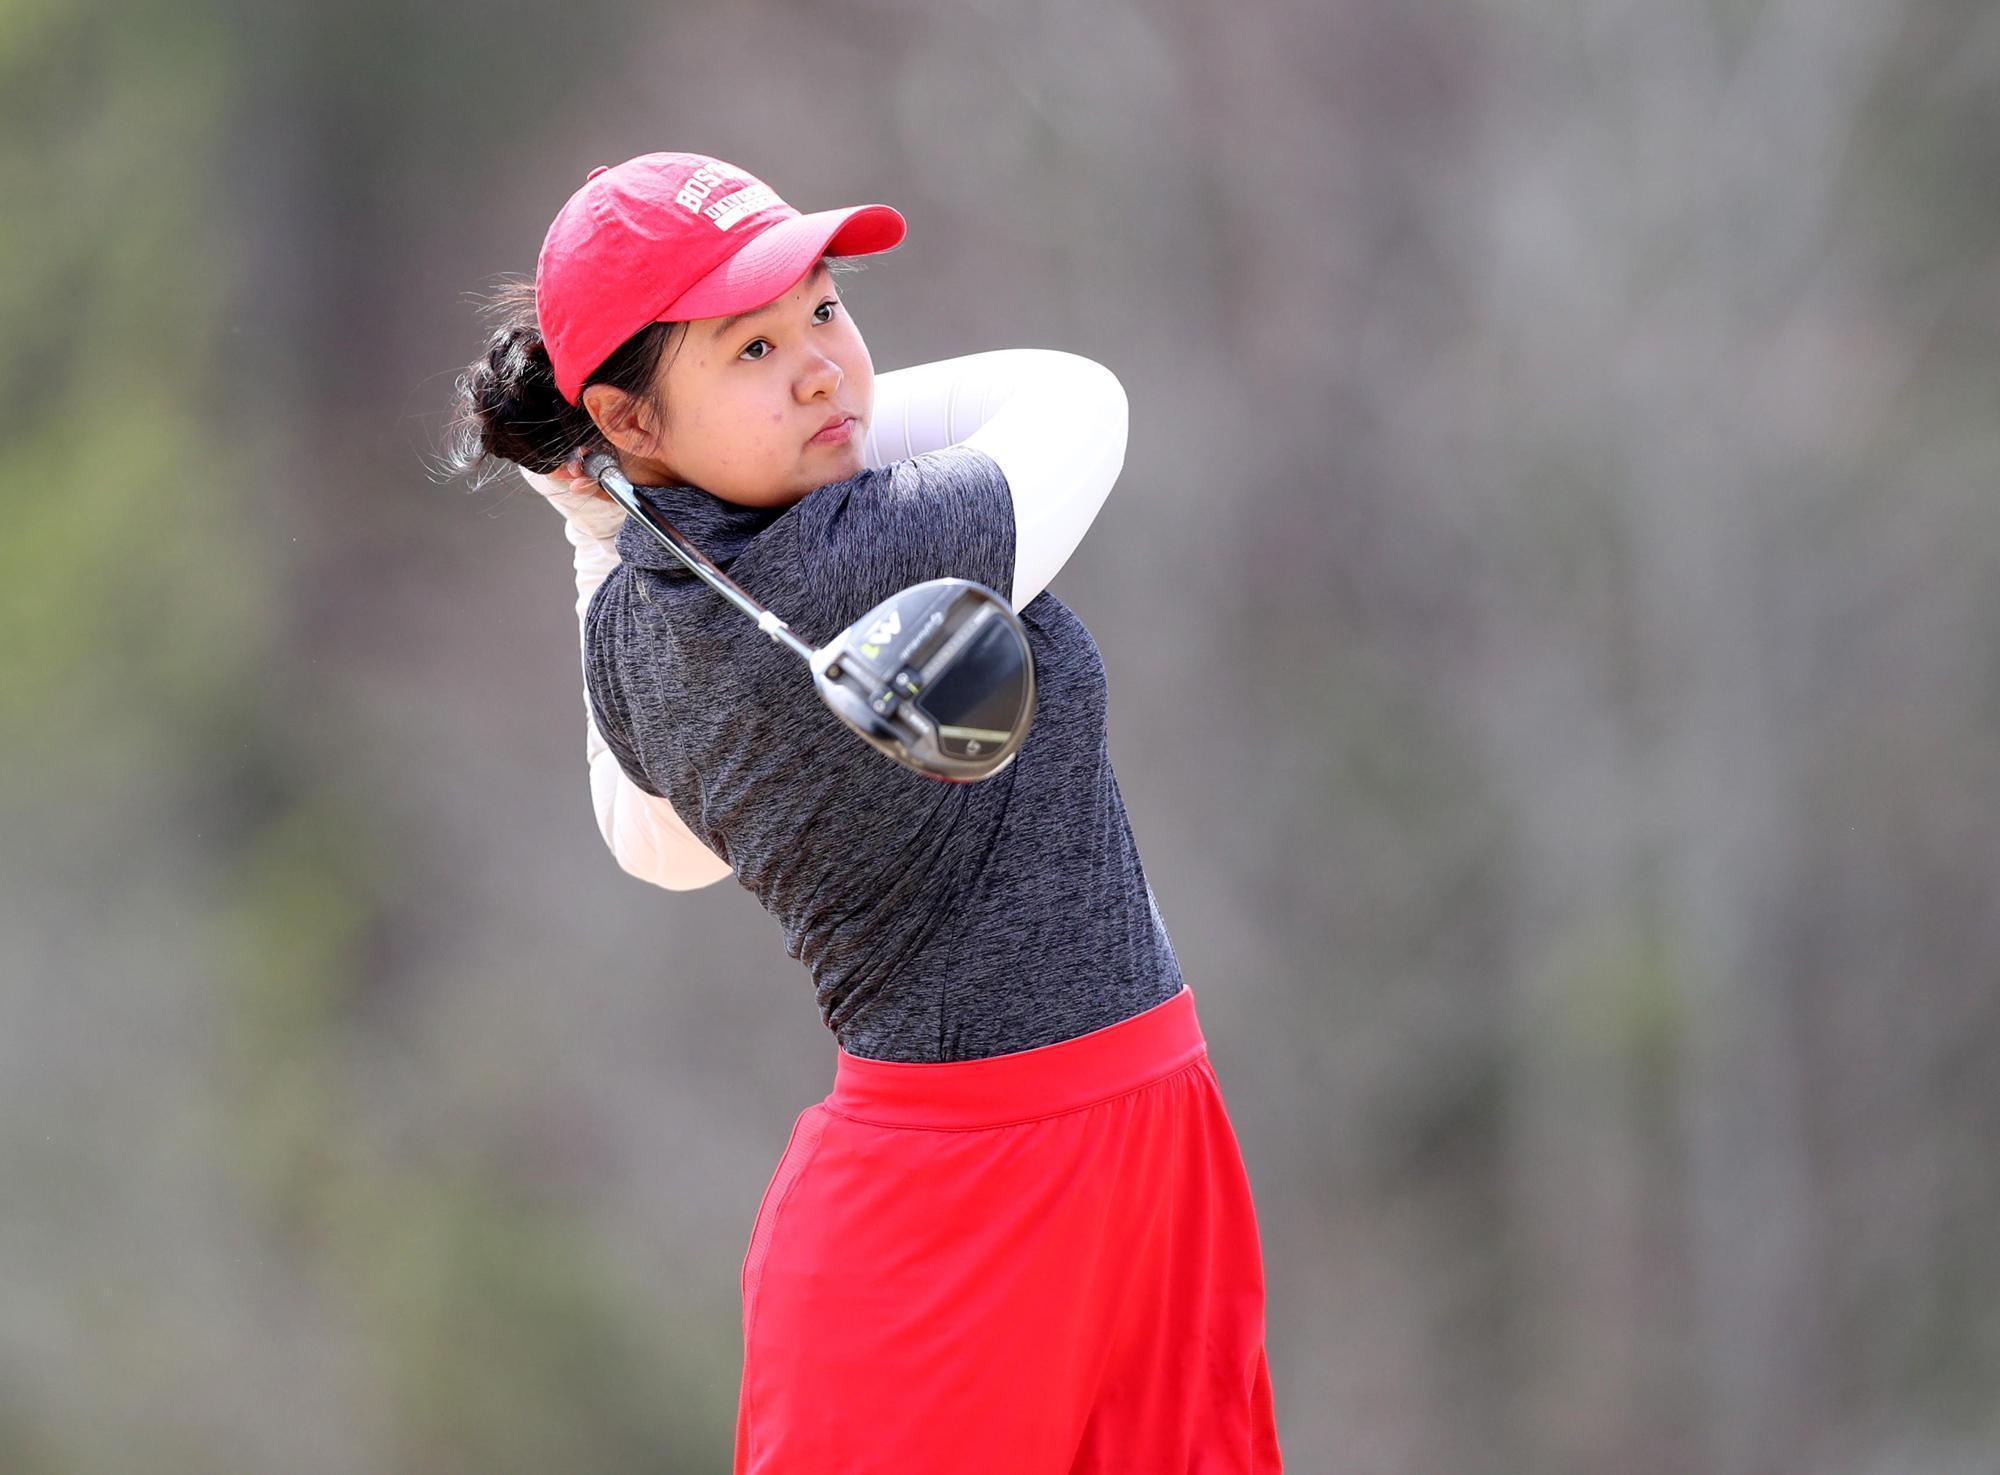 Bóng hồng châu Á thống trị golf thế giới: Gieo mộng lớn cho golf Việt-3